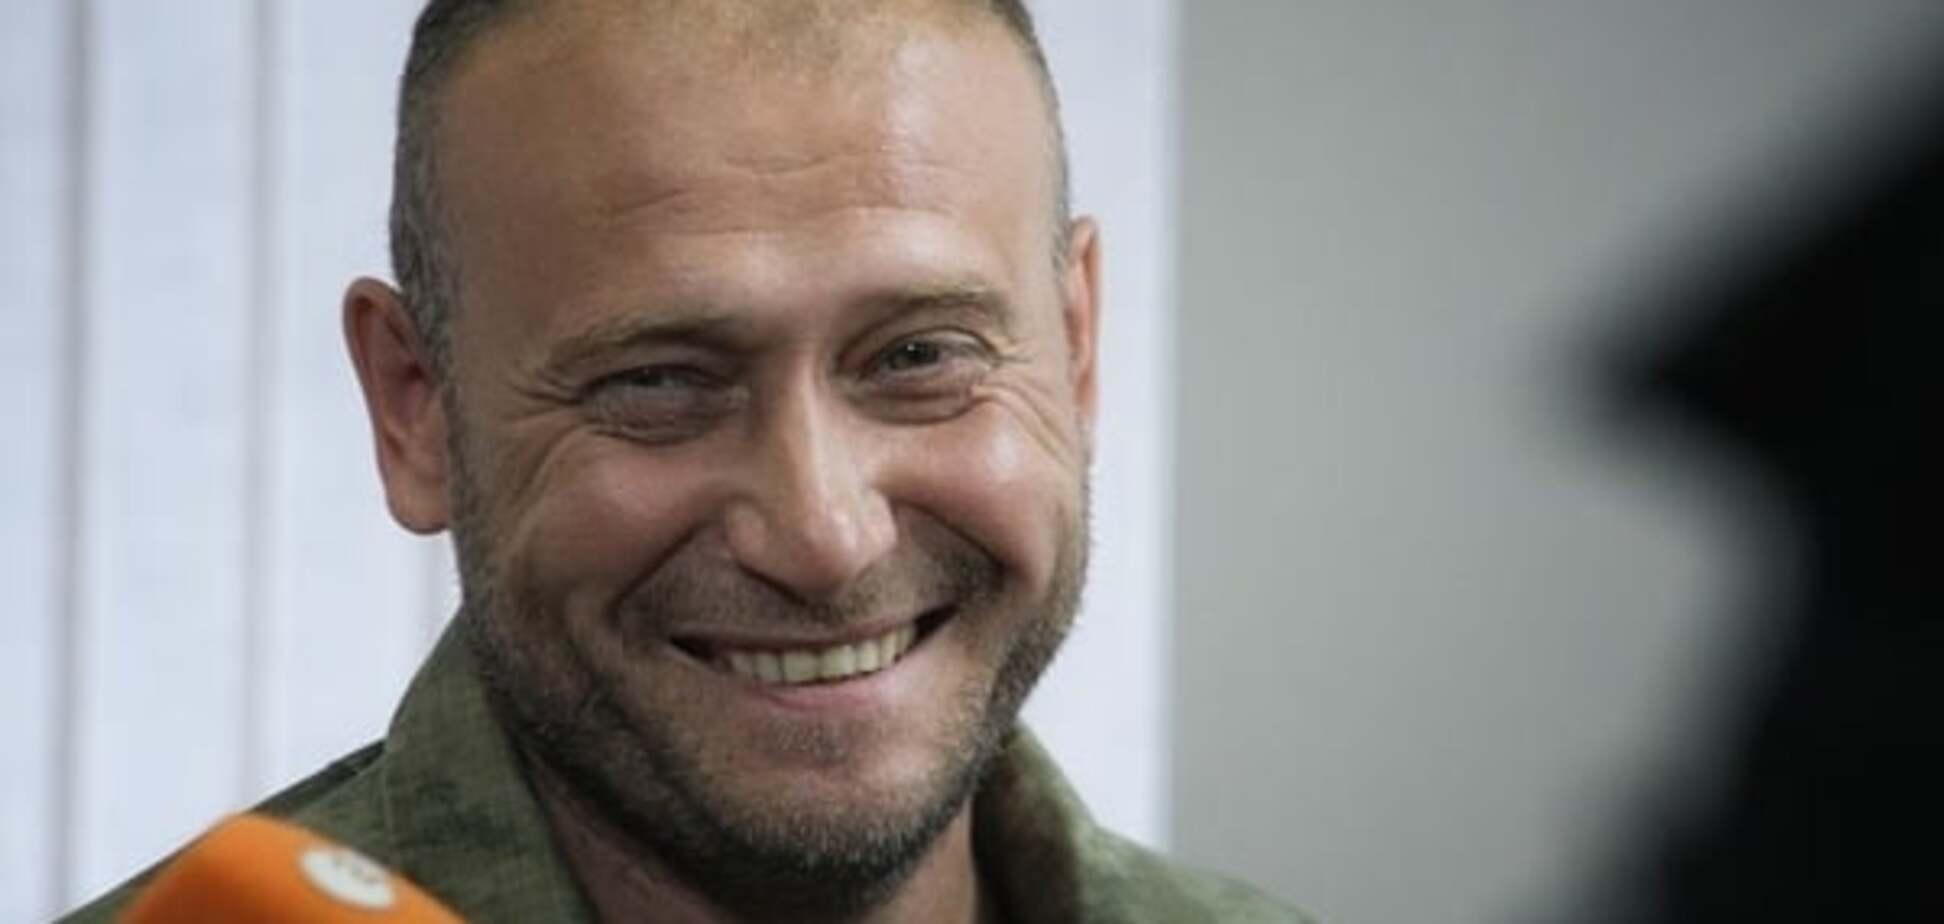 'Снайпери вимагають роботи': 'пацифіст' Ярош попросив Луценка уберегти Вілкула від 'гніву Божого'